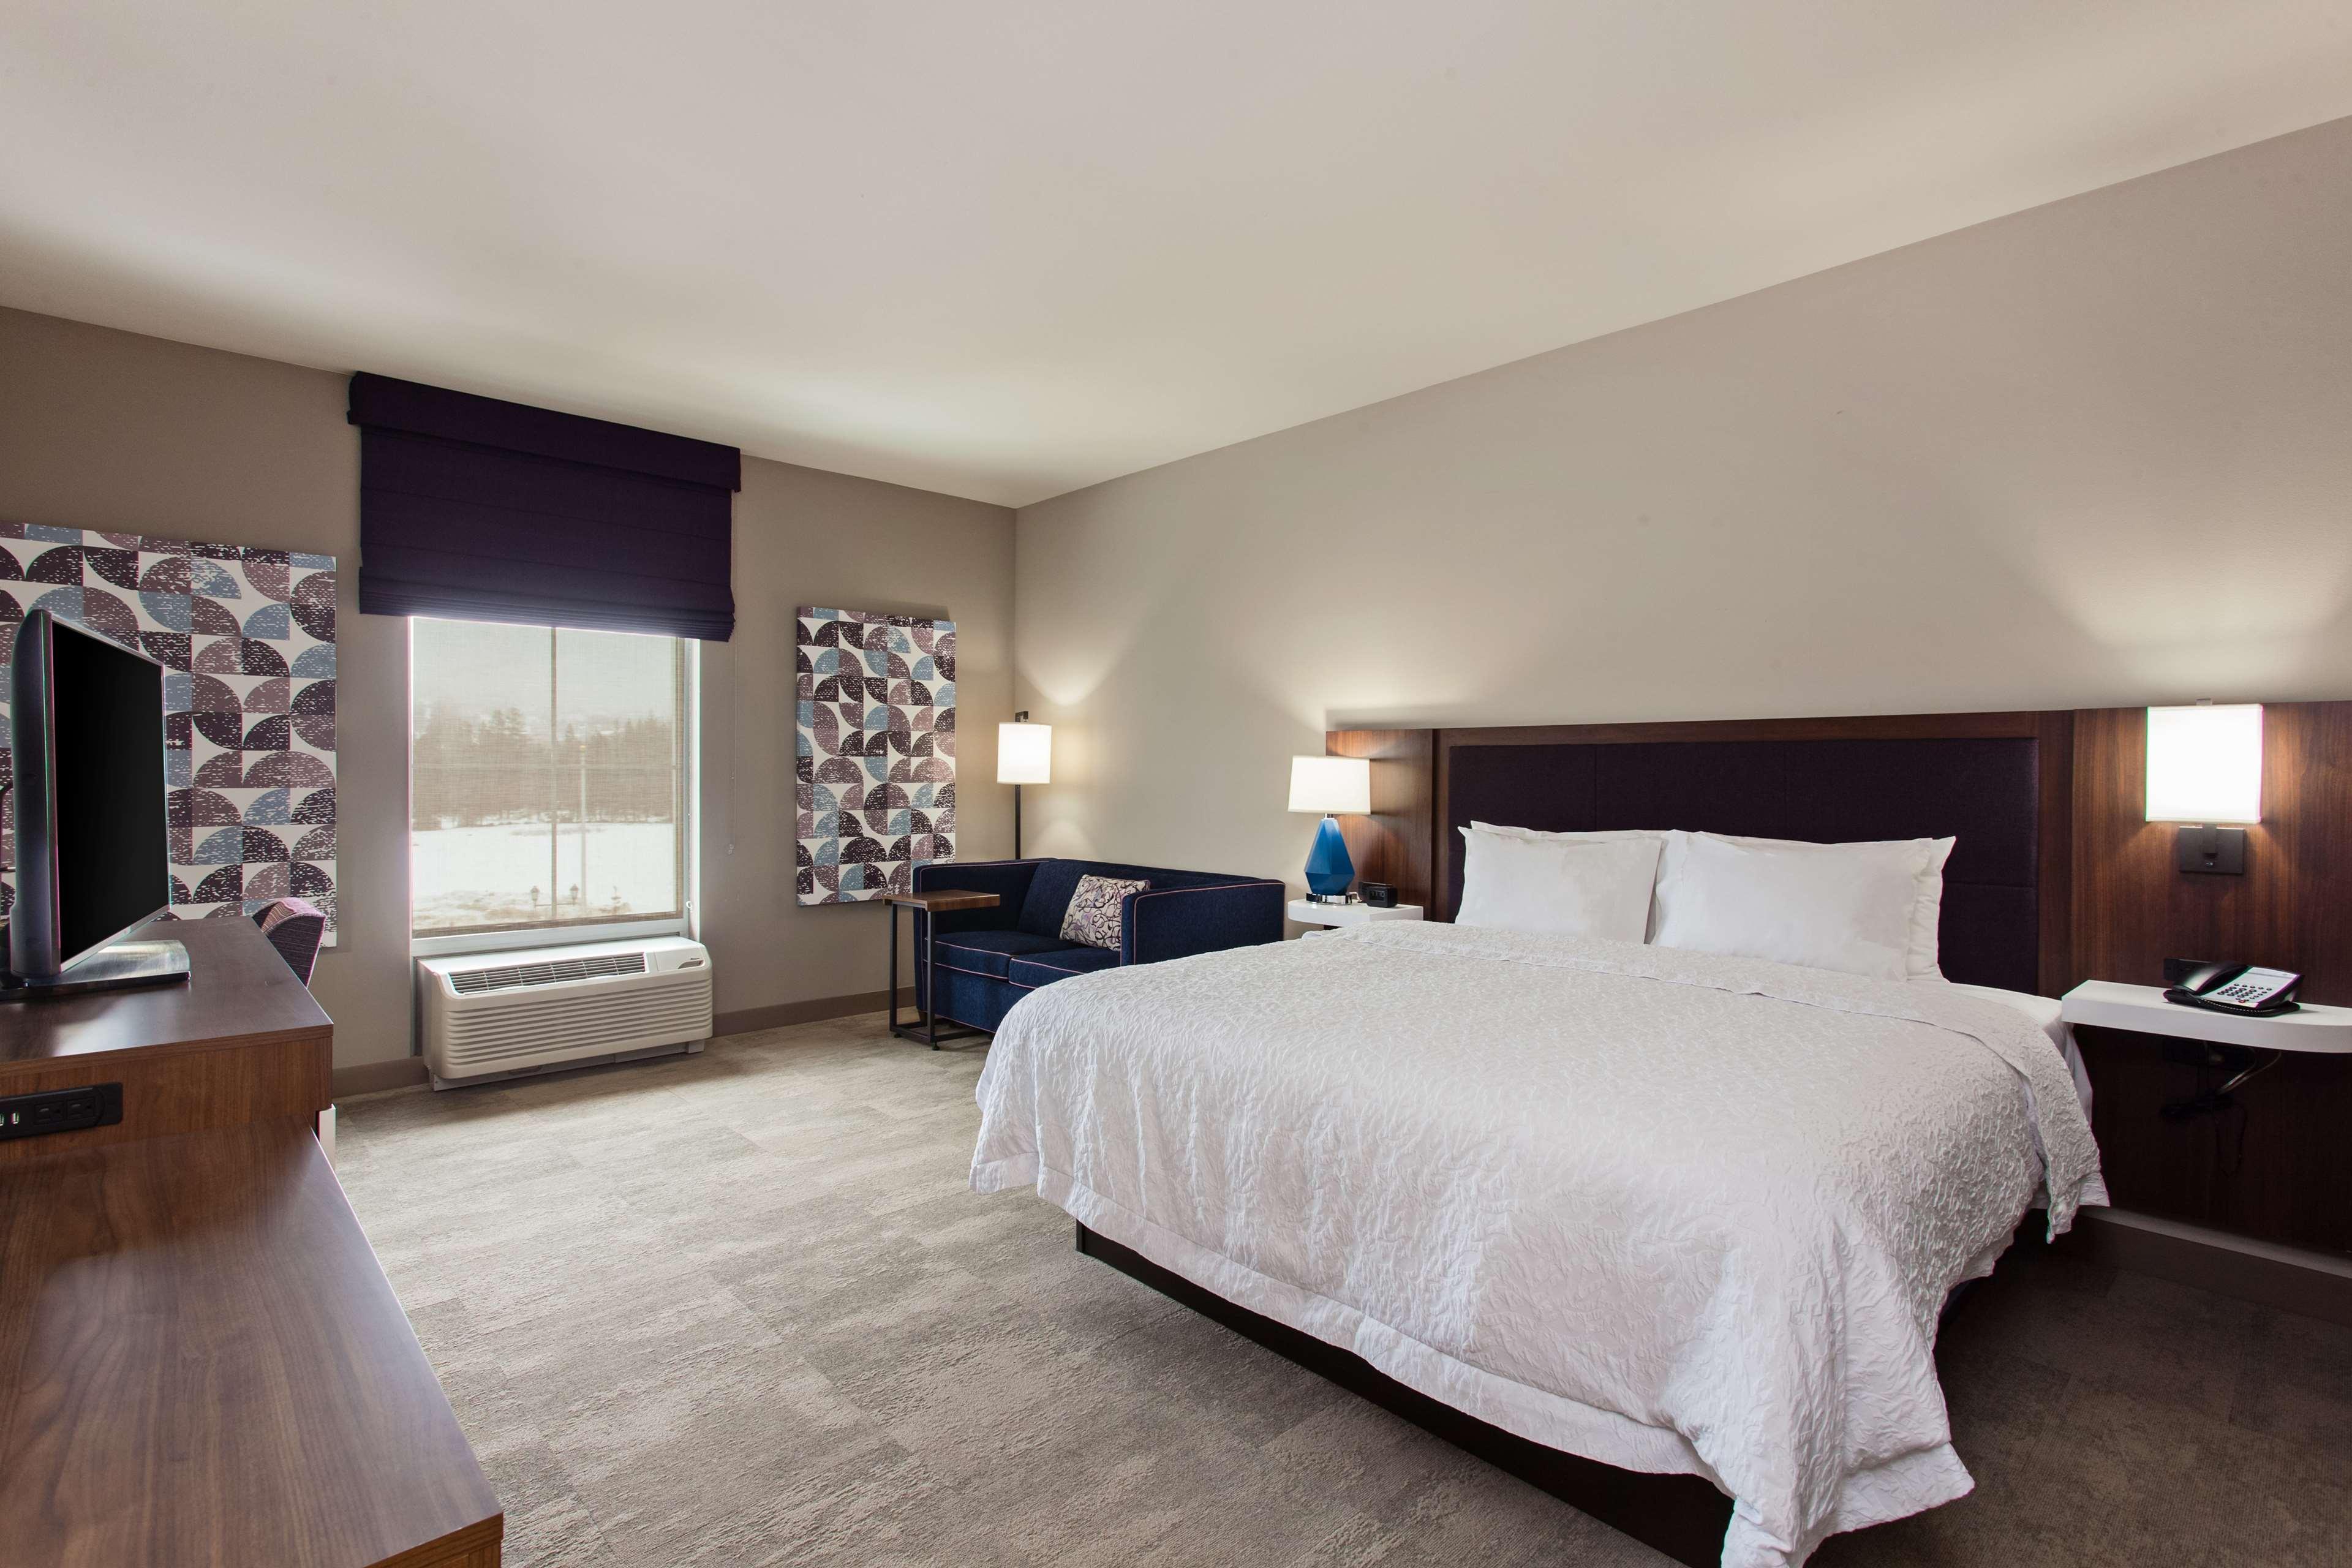 Hampton Inn & Suites Leavenworth image 19